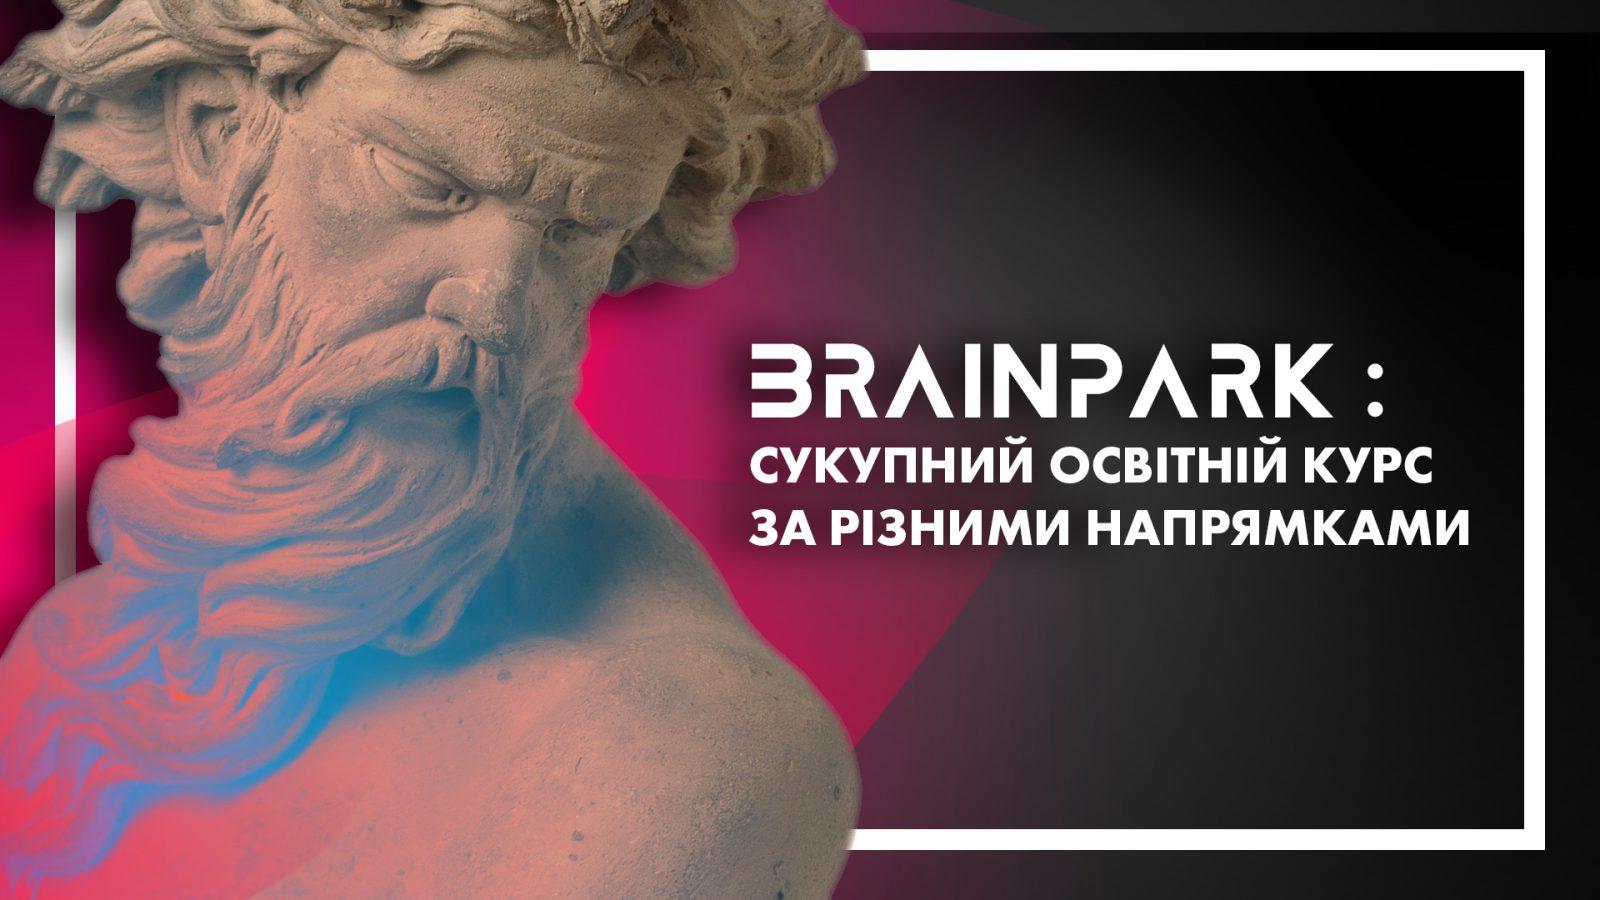 BrainPark: сукупний освітній курс за різними напрямками